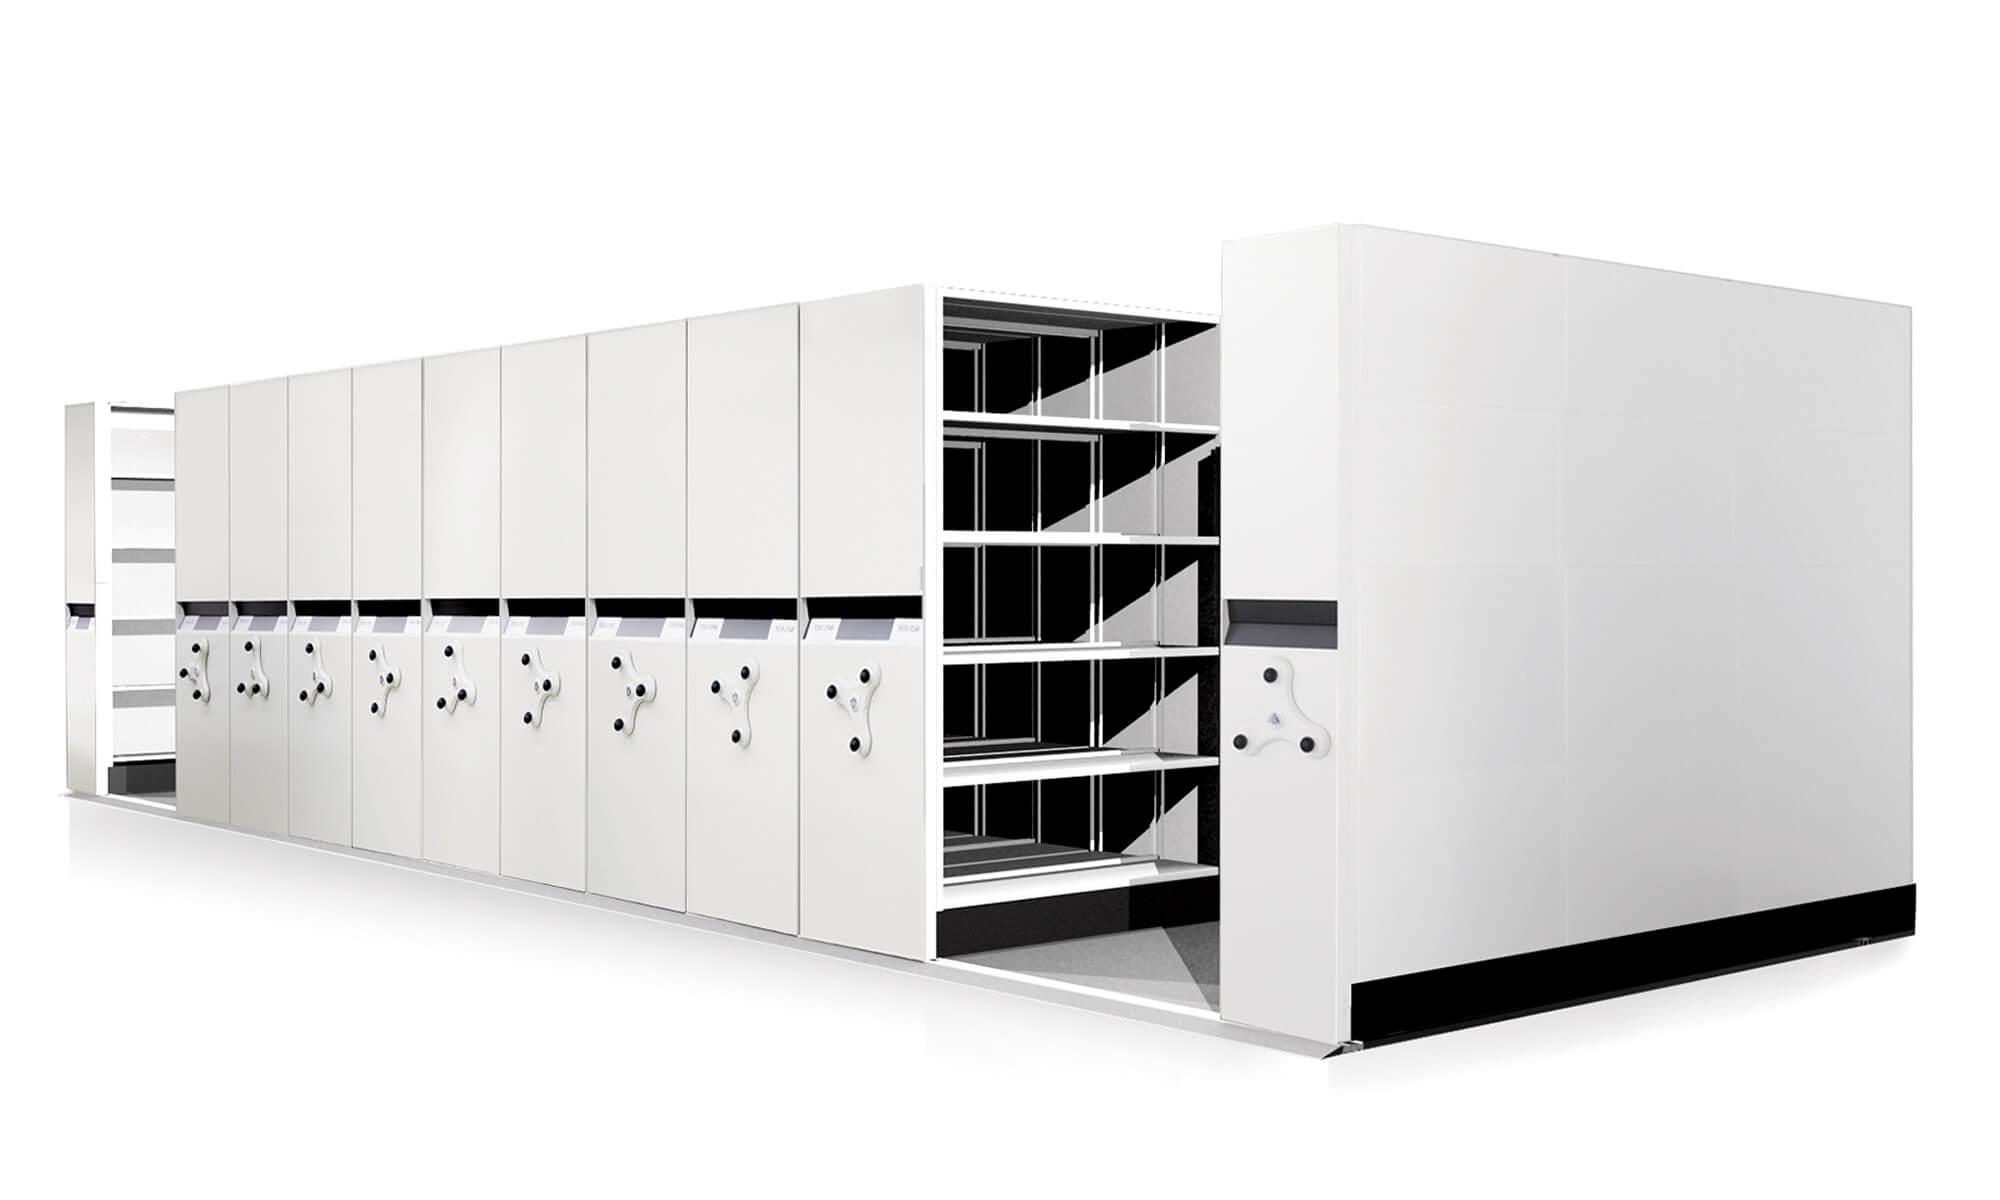 arkiv stål arkivering magasin stora volymer kontor förvaring archiving large volumes trece archive steel